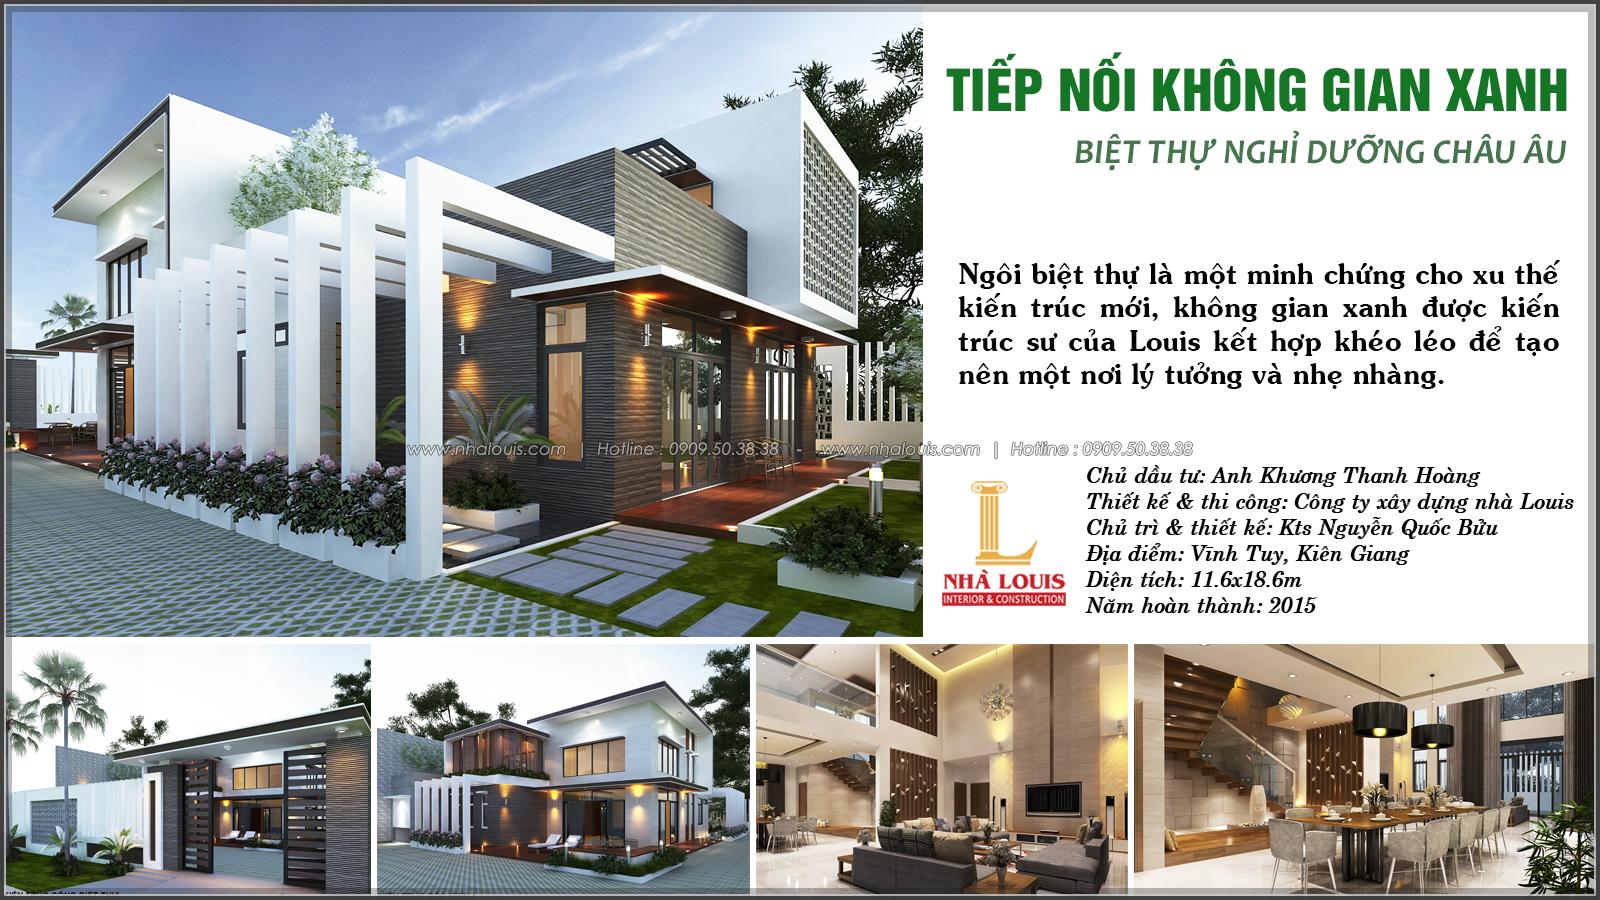 Biệt thự vườn 2 tầng 3 phòng ngủ tại Kiên Giang đẹp hiện đại, tinh tế - 1